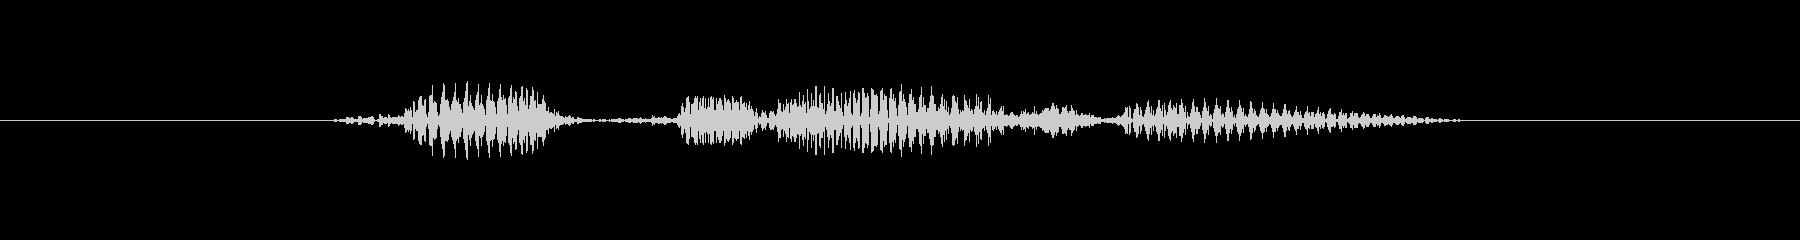 「ご苦労さん」の未再生の波形